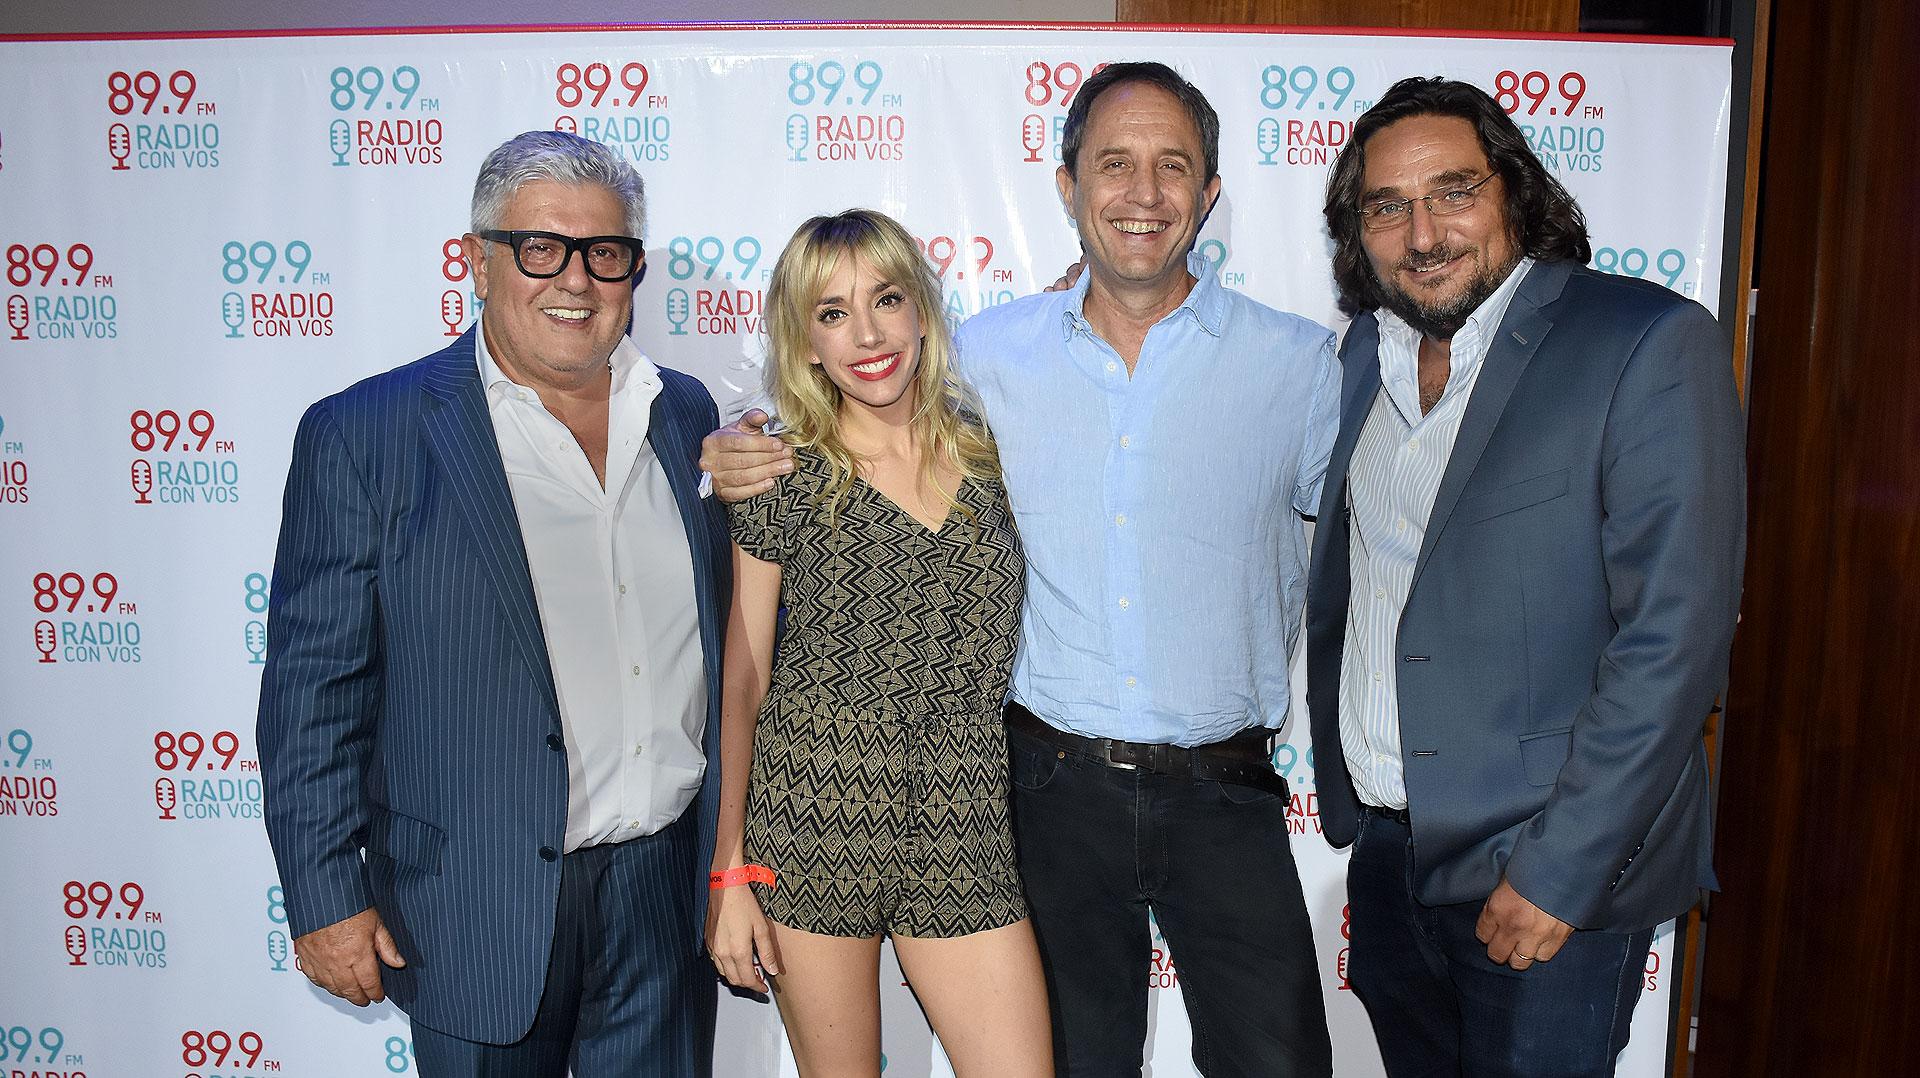 Carlos Gorosito, Tamara Pettinato, Ernesto Tenembaum y Martín Kweller